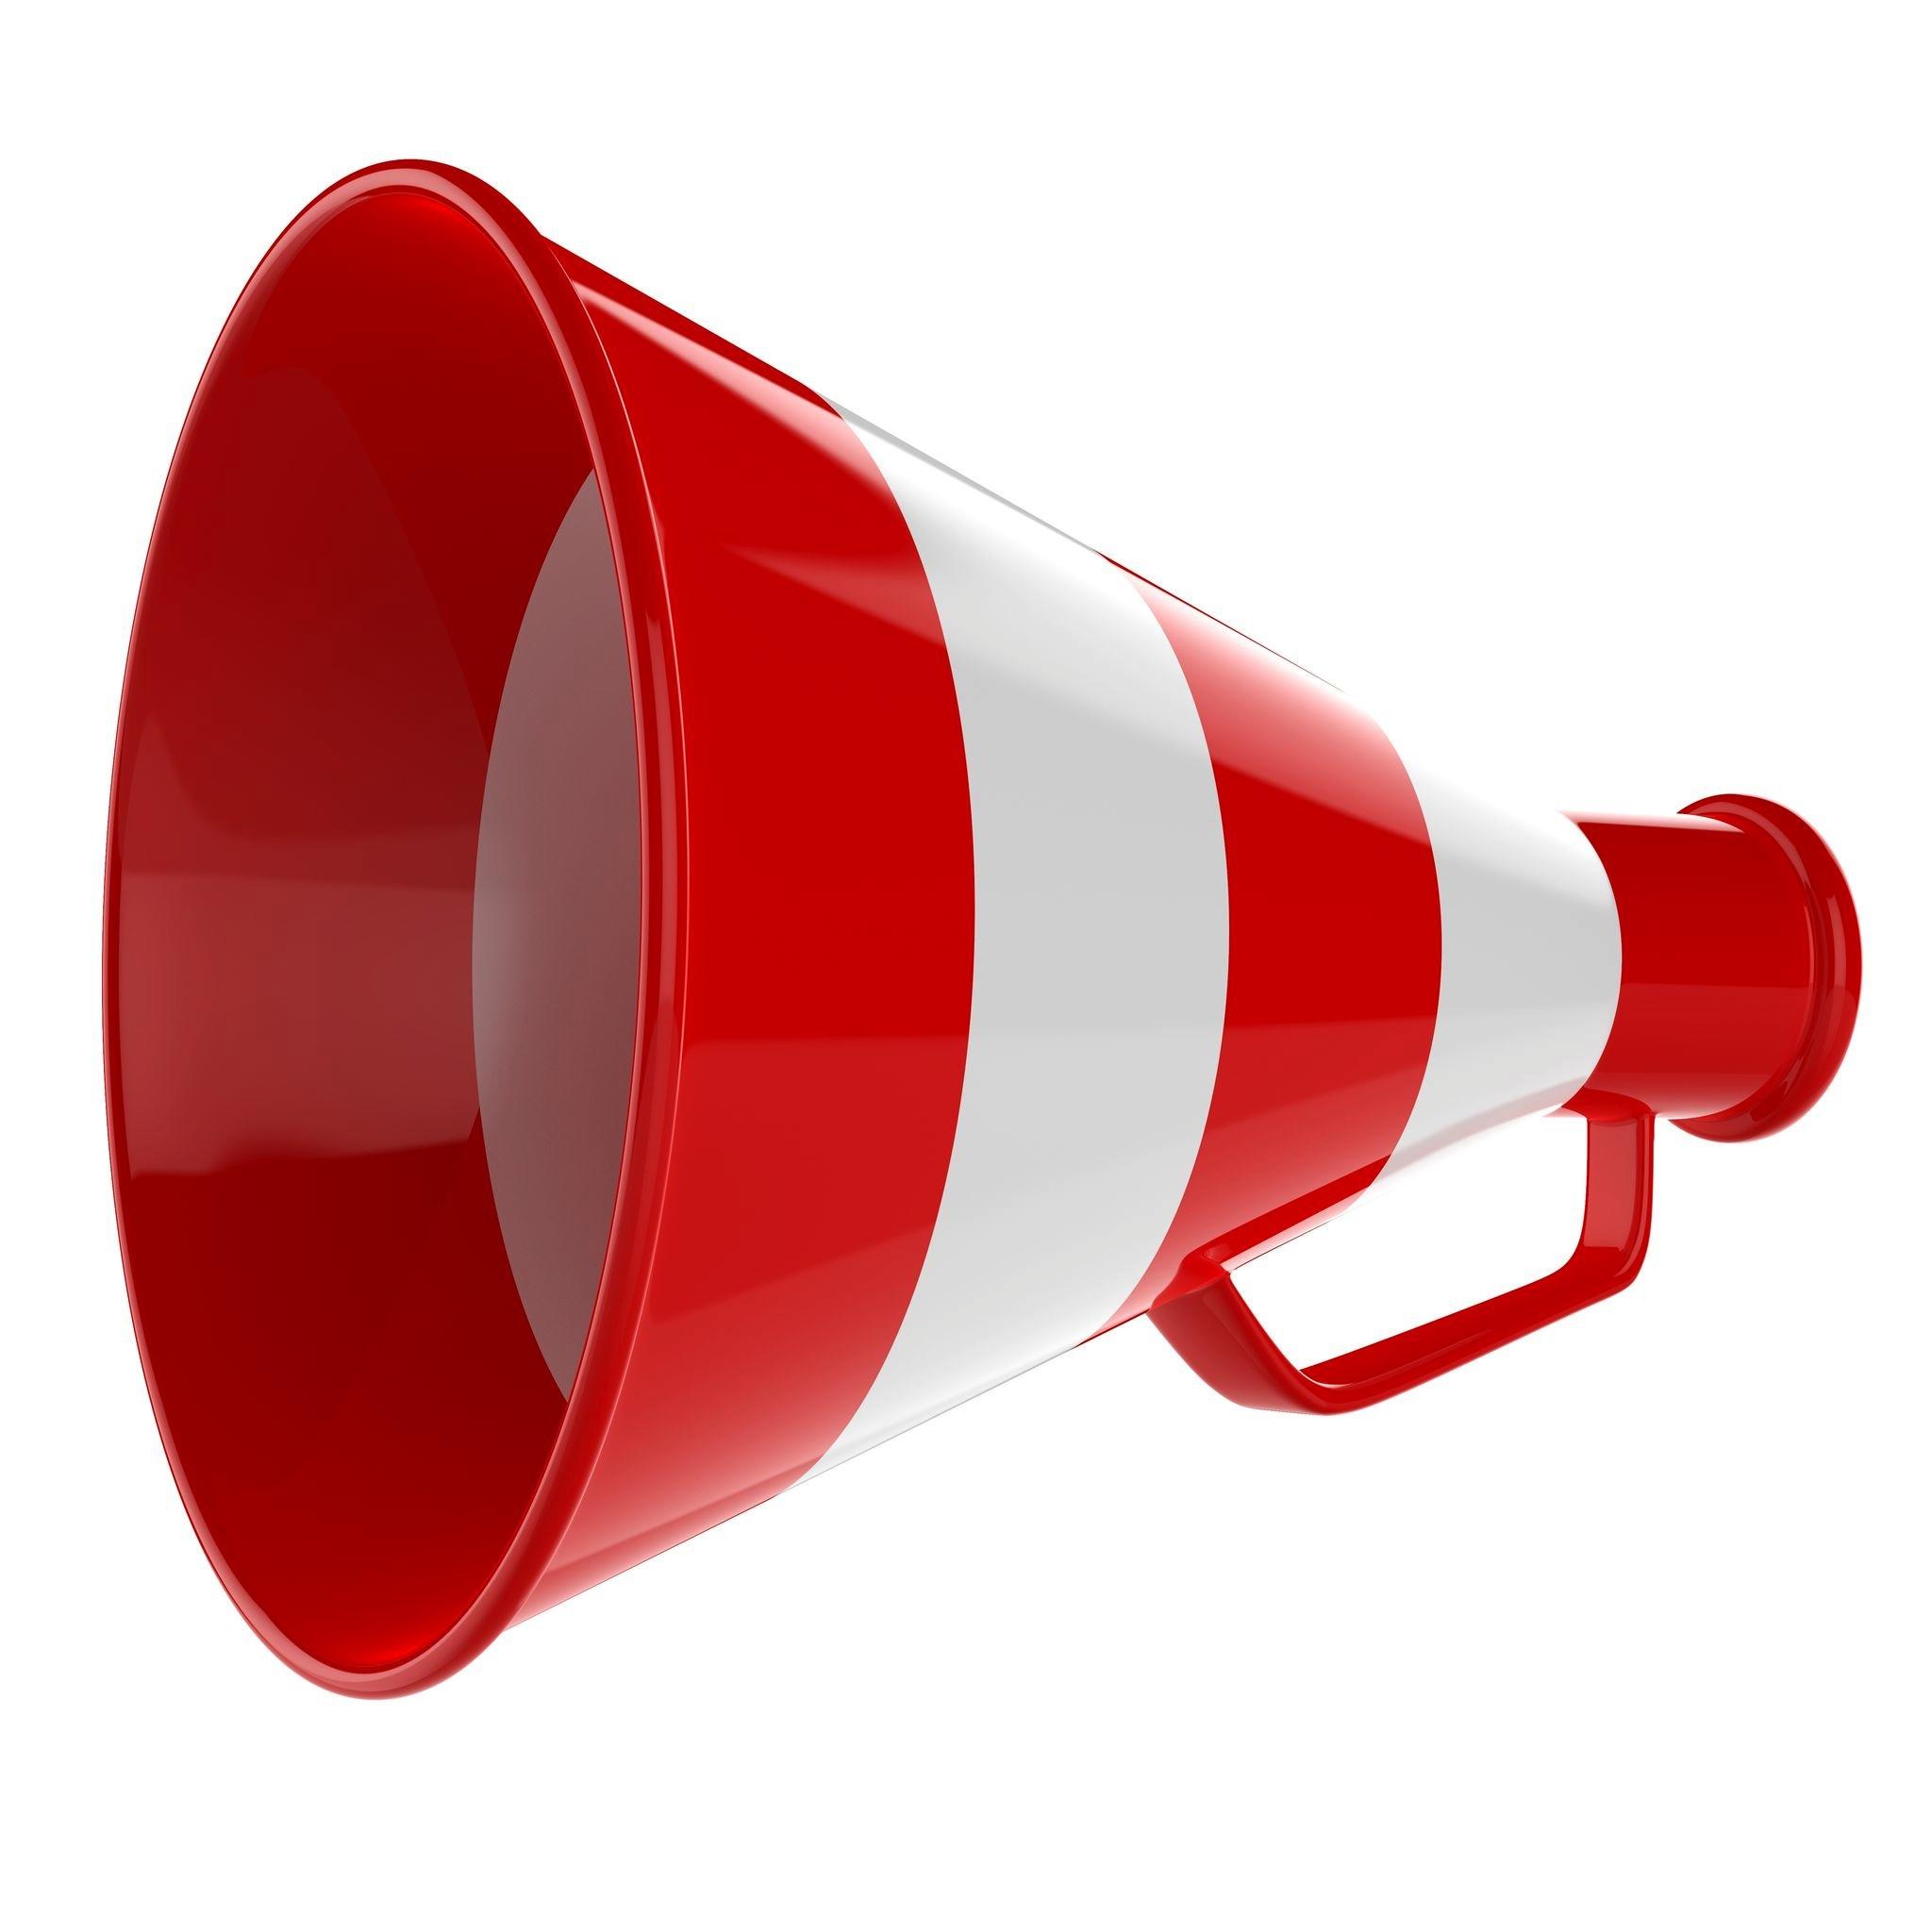 megaphone png - PNG Megaphone Free